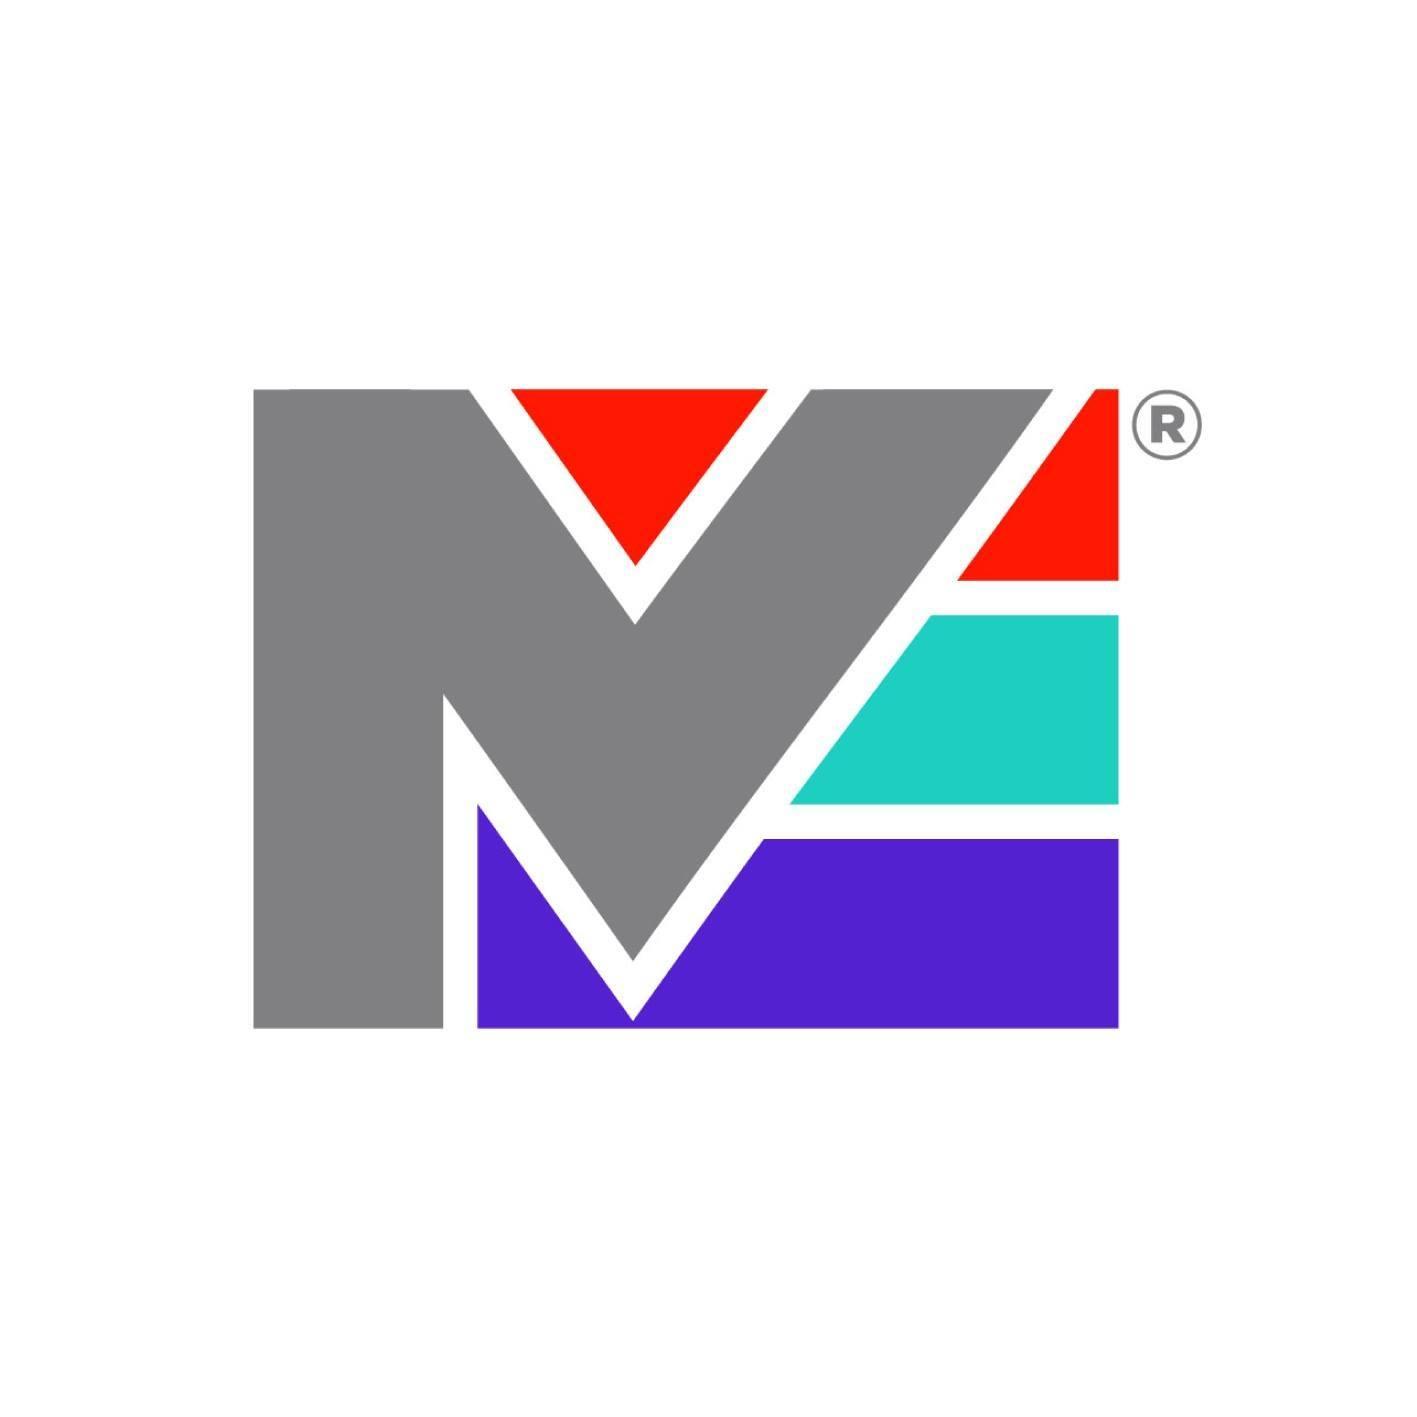 Markade Agency